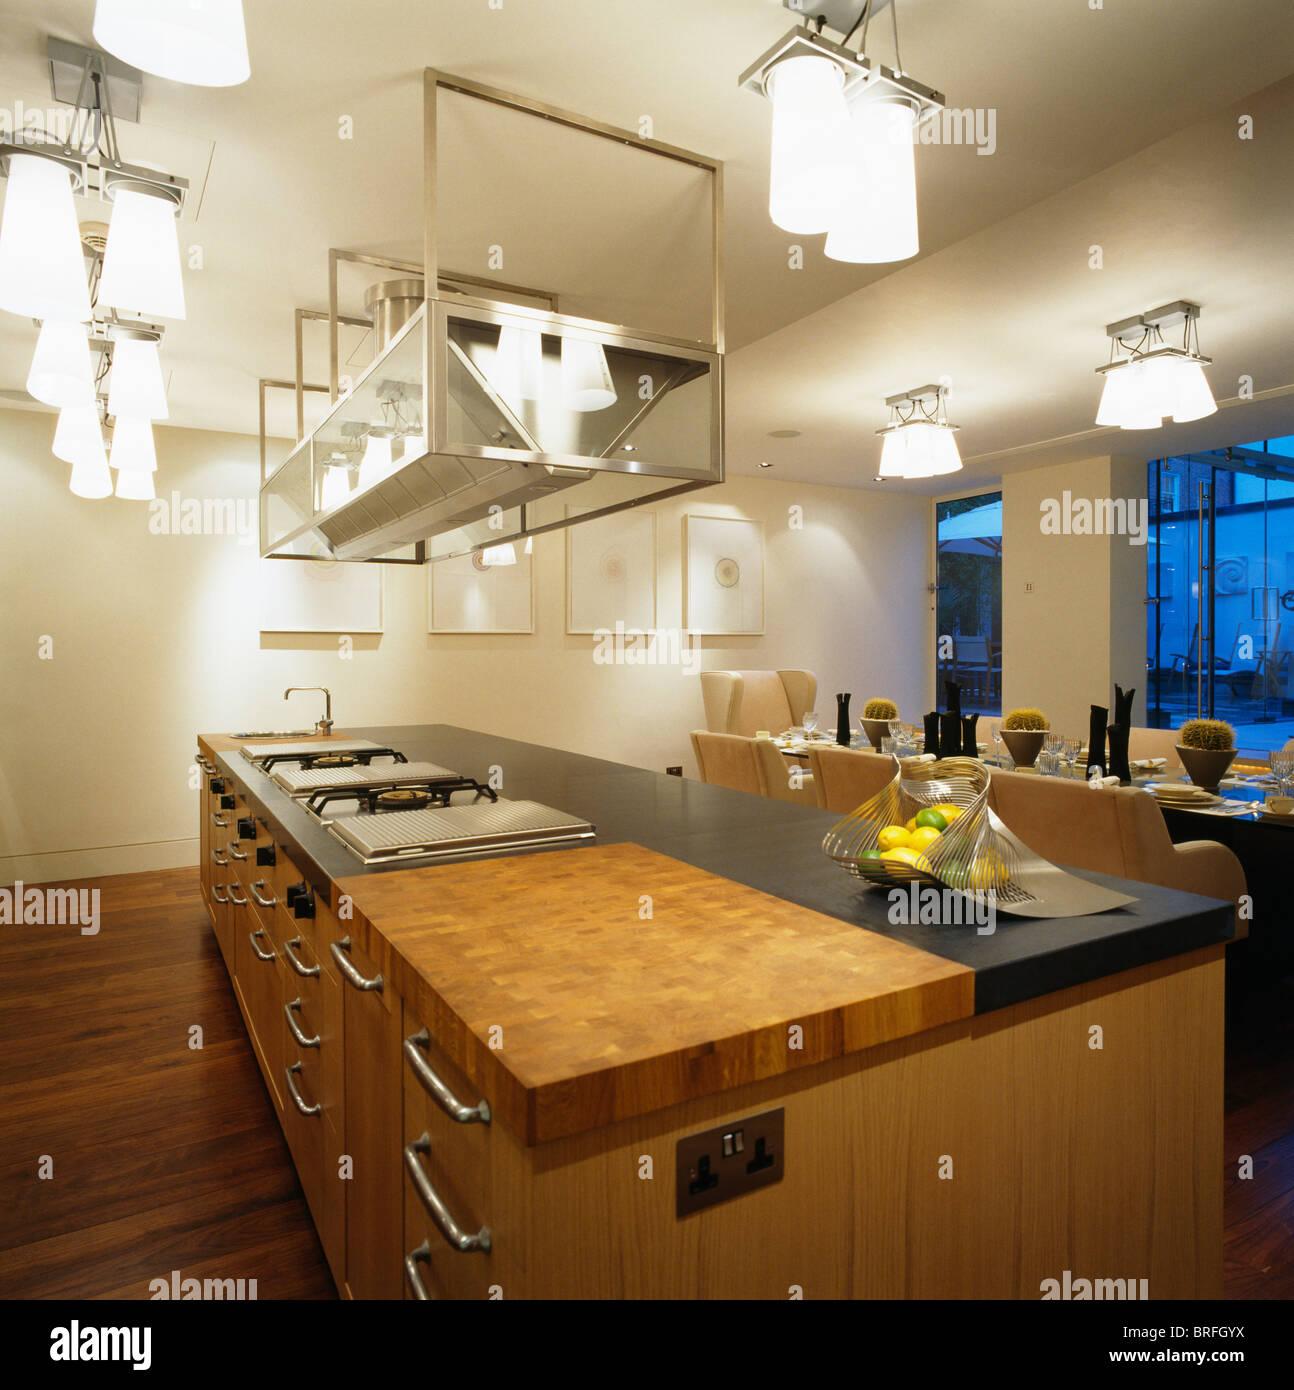 Hängende Edelstahl Regale Und Deckenleuchten über Insel Gerät In Große Loft  Umbau Küche Esszimmer